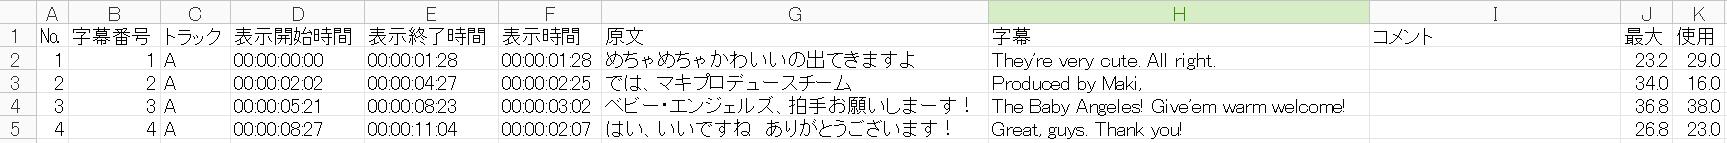 映像翻訳ツール